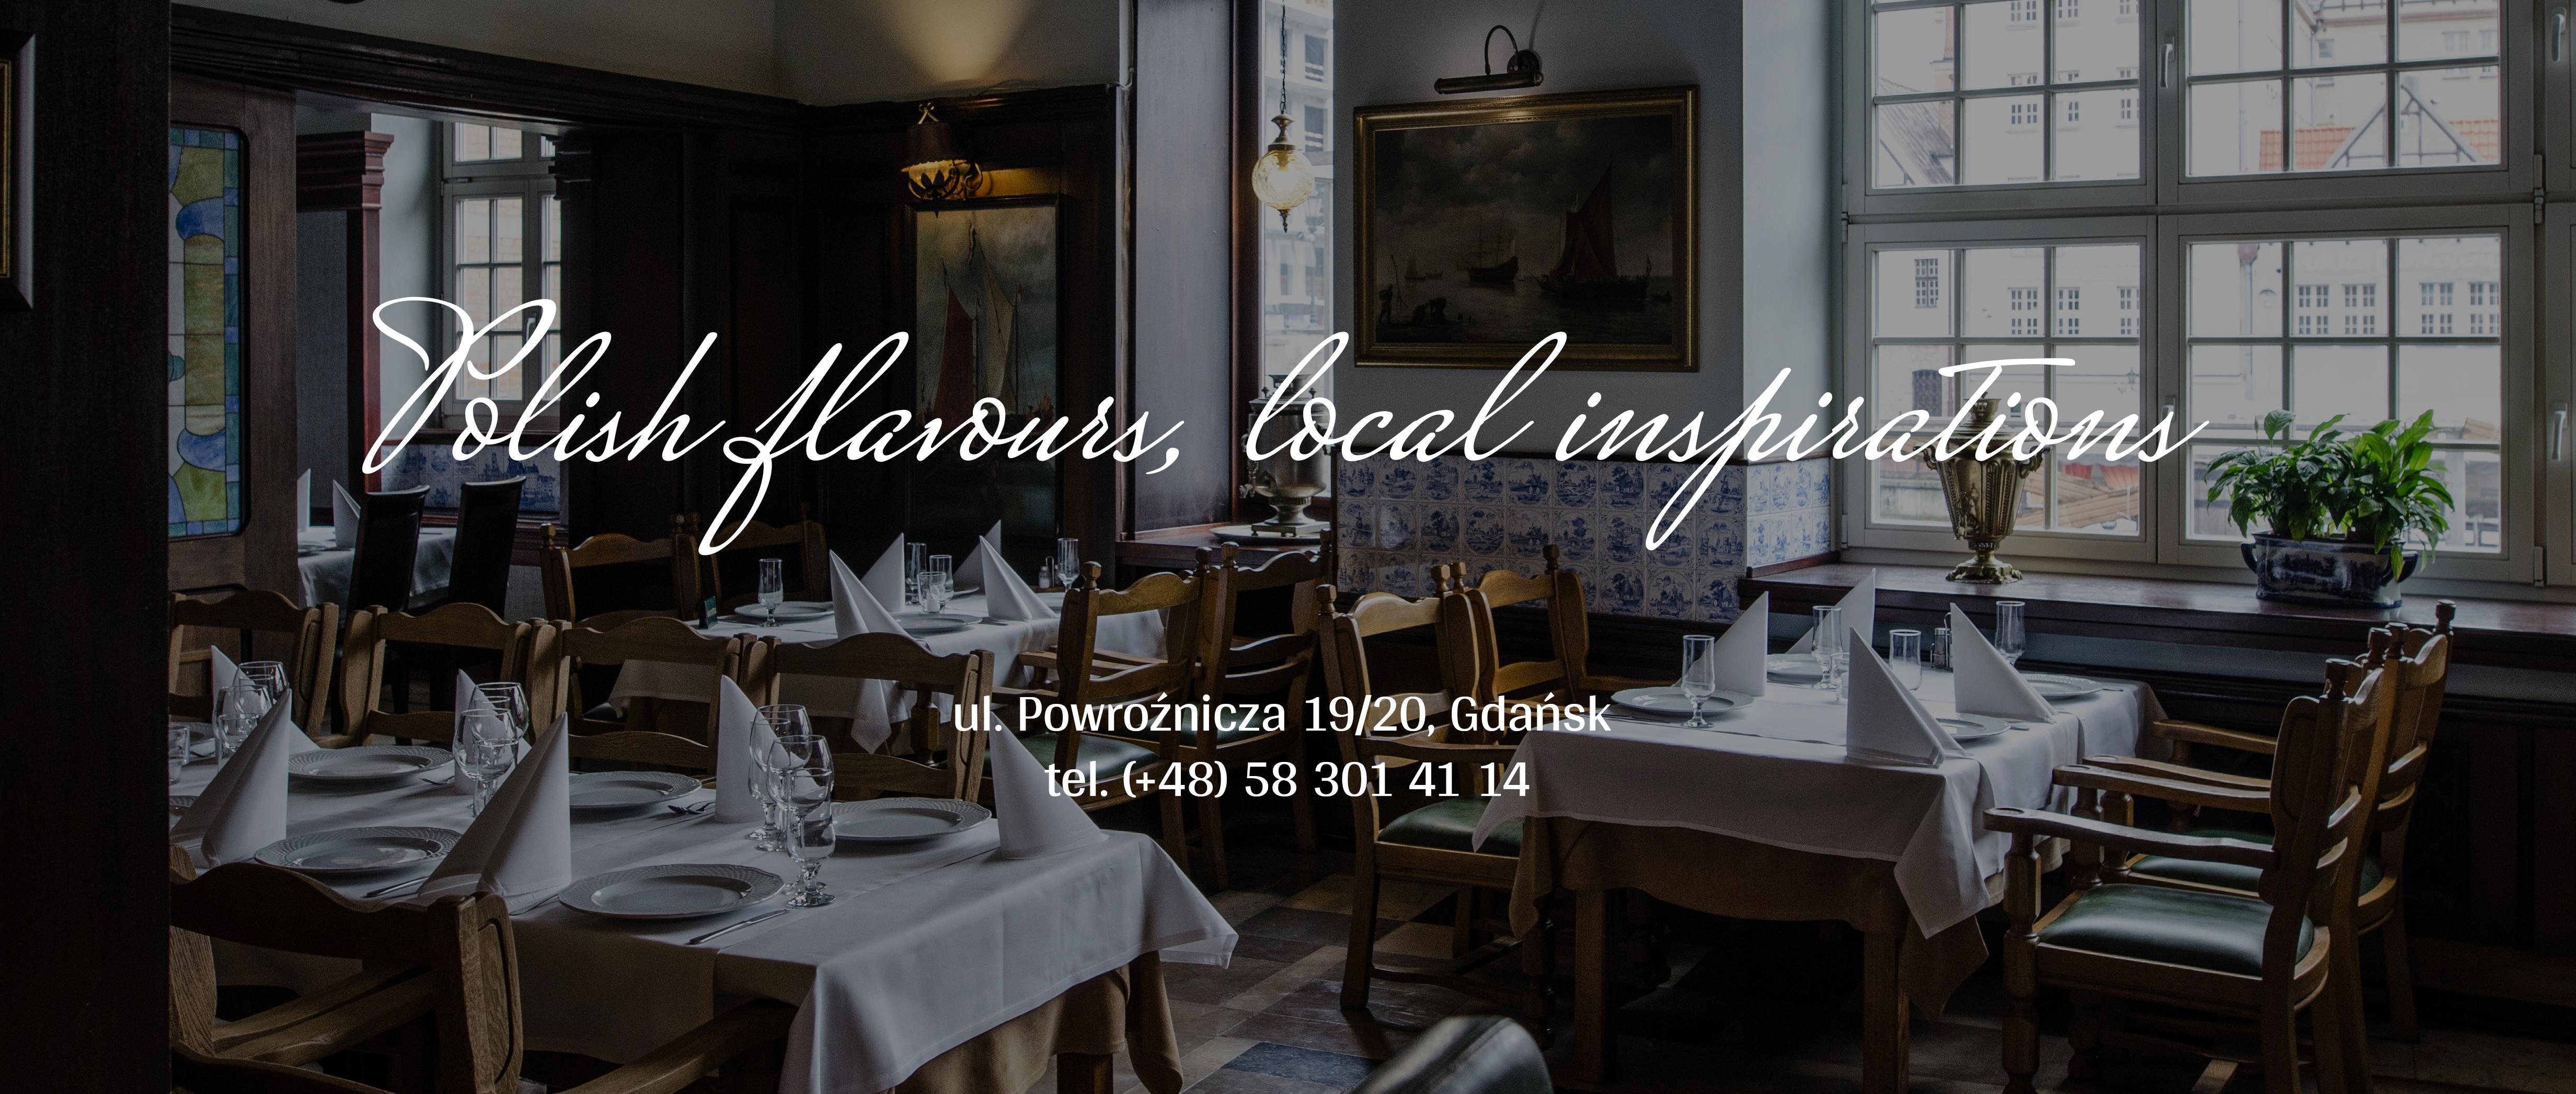 restaurant gdansk